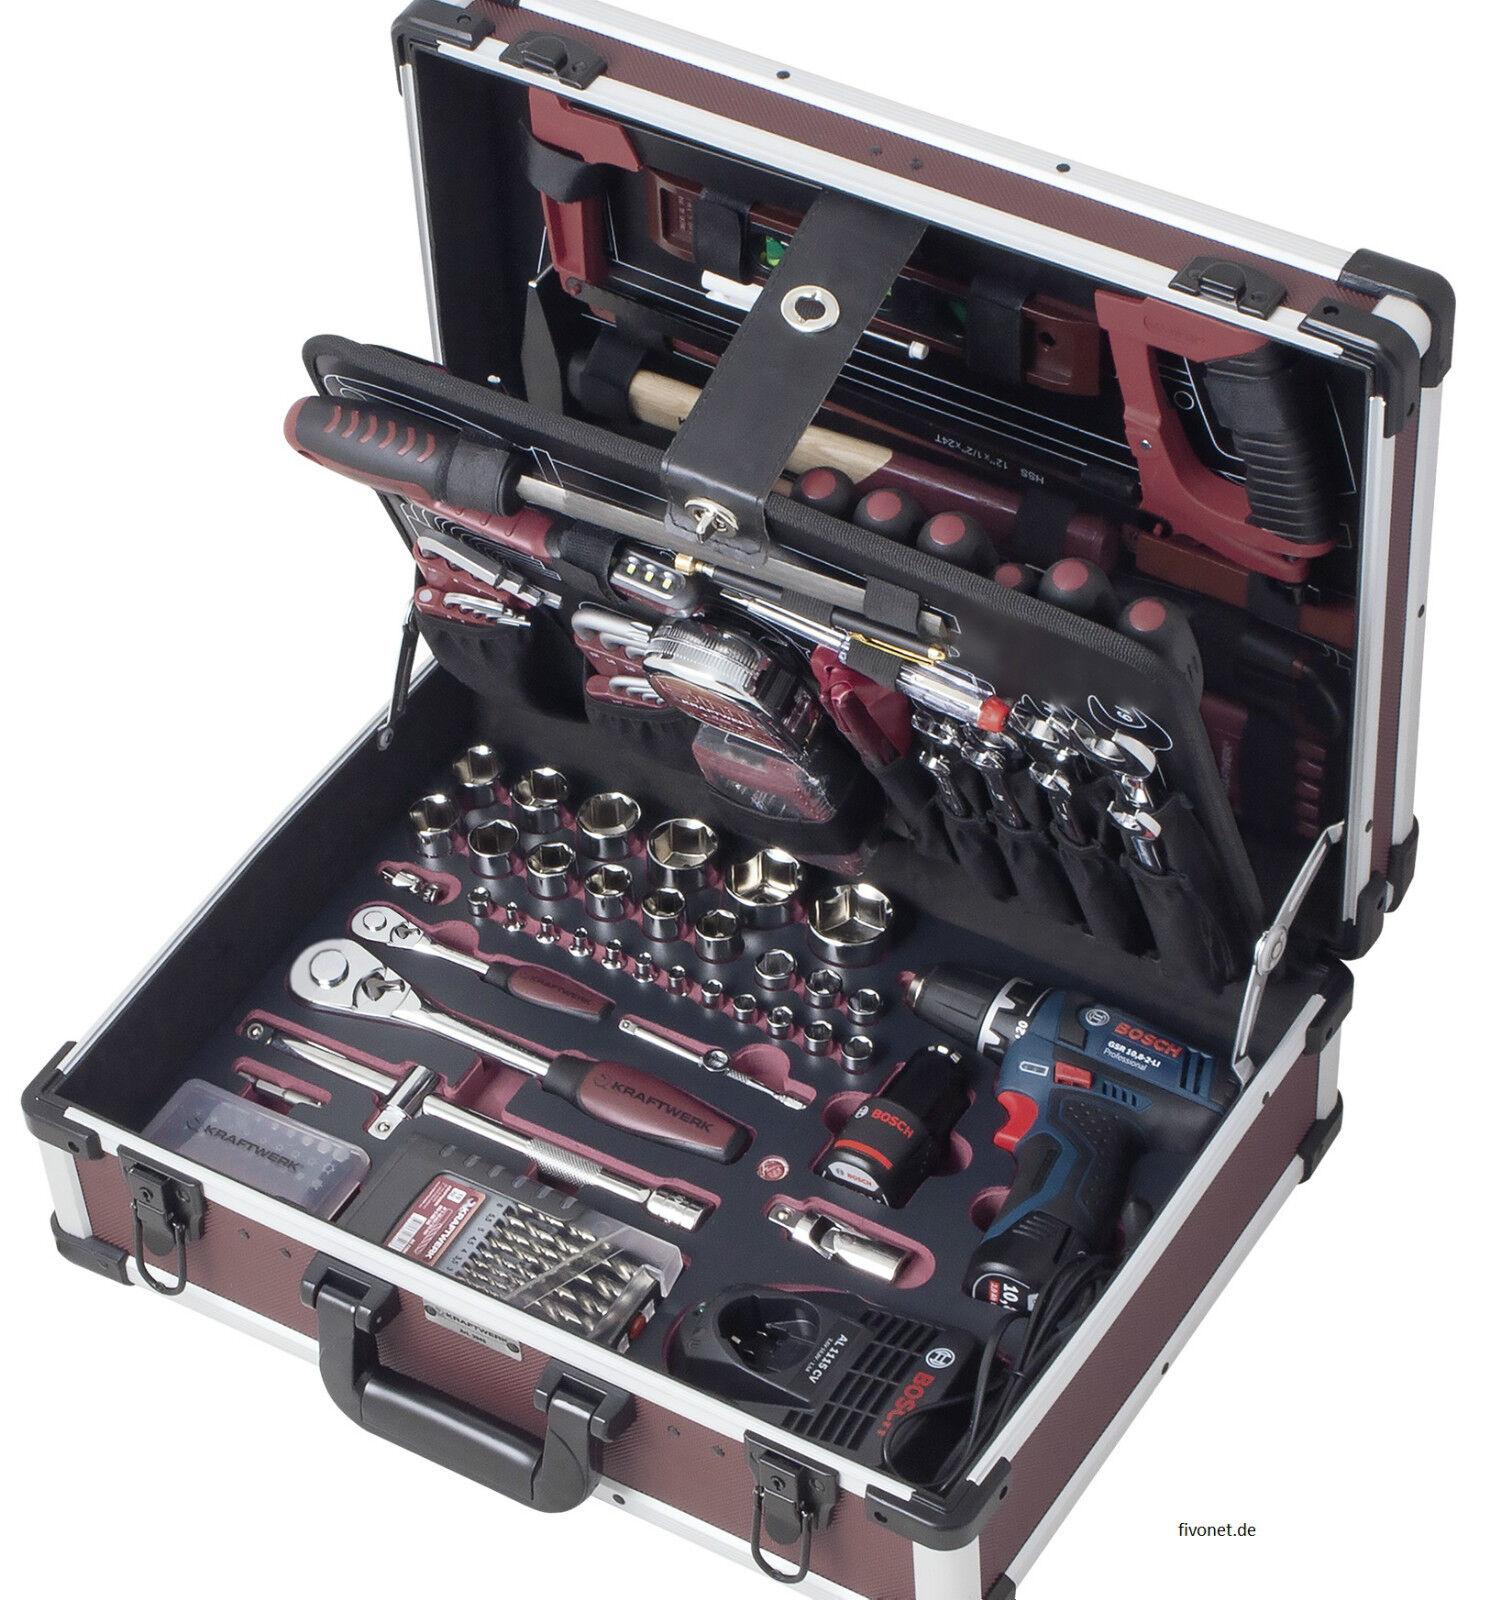 KRAFTWERK 3949 PROFI Werkzeugkoffer 264-tlg m. Bosch Akkuschrauber AluPro Koffer